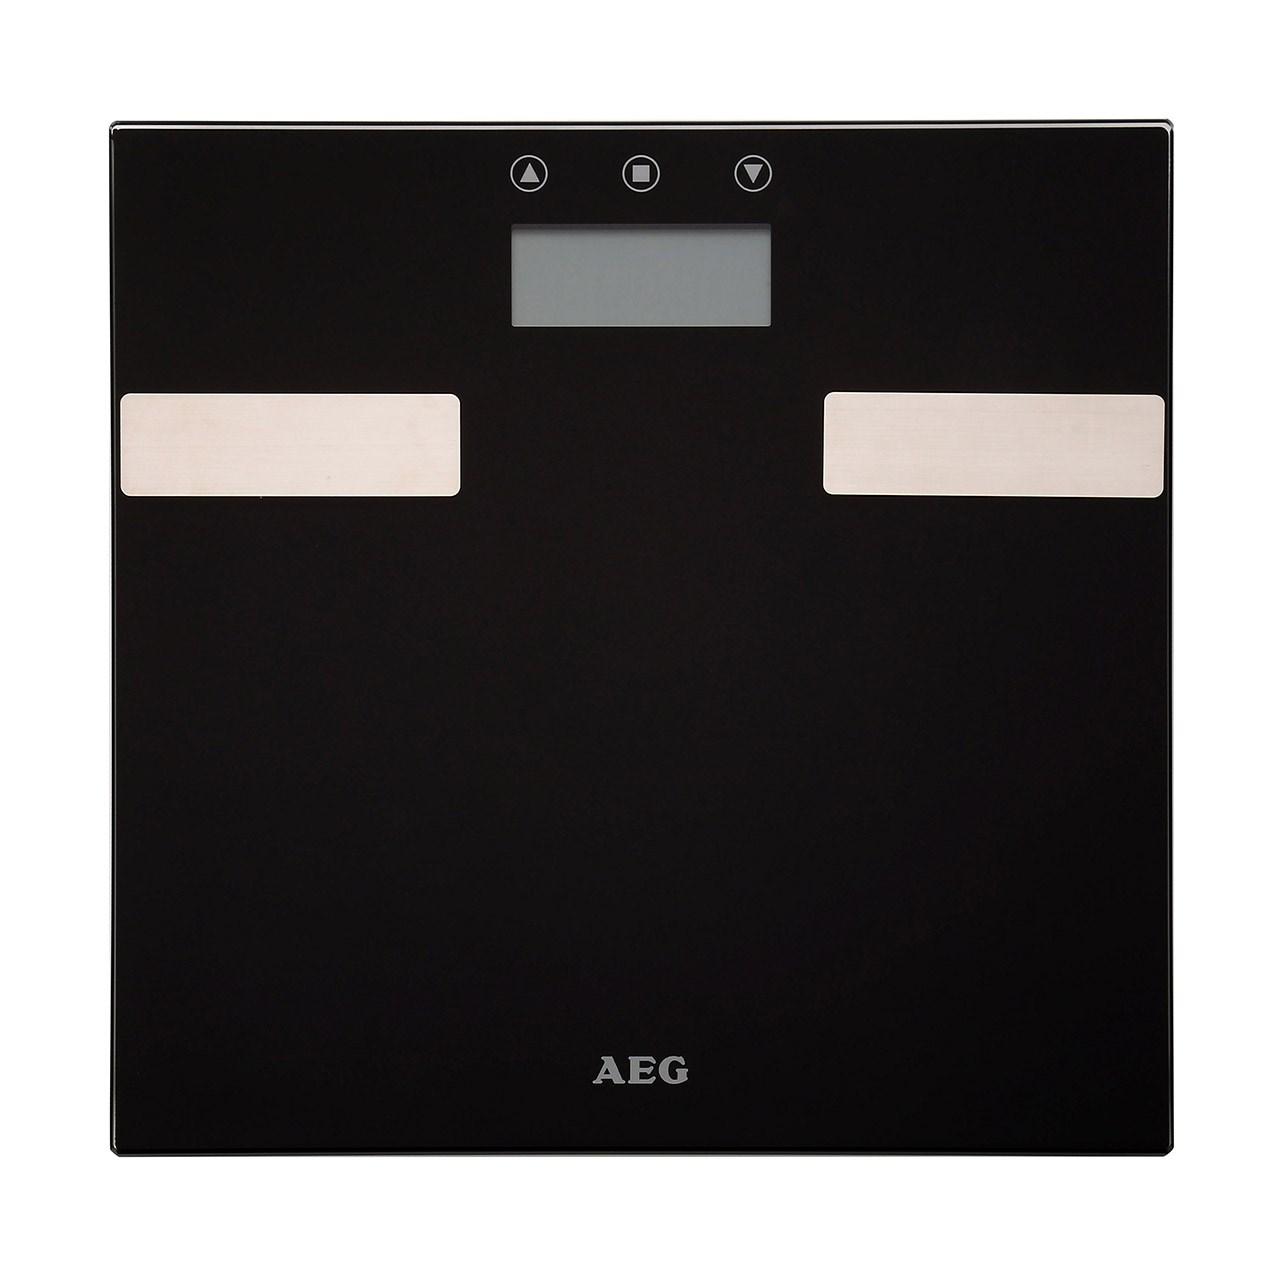 خرید ترازوی دیجیتال آ ا گ مدل PW 5644 FA